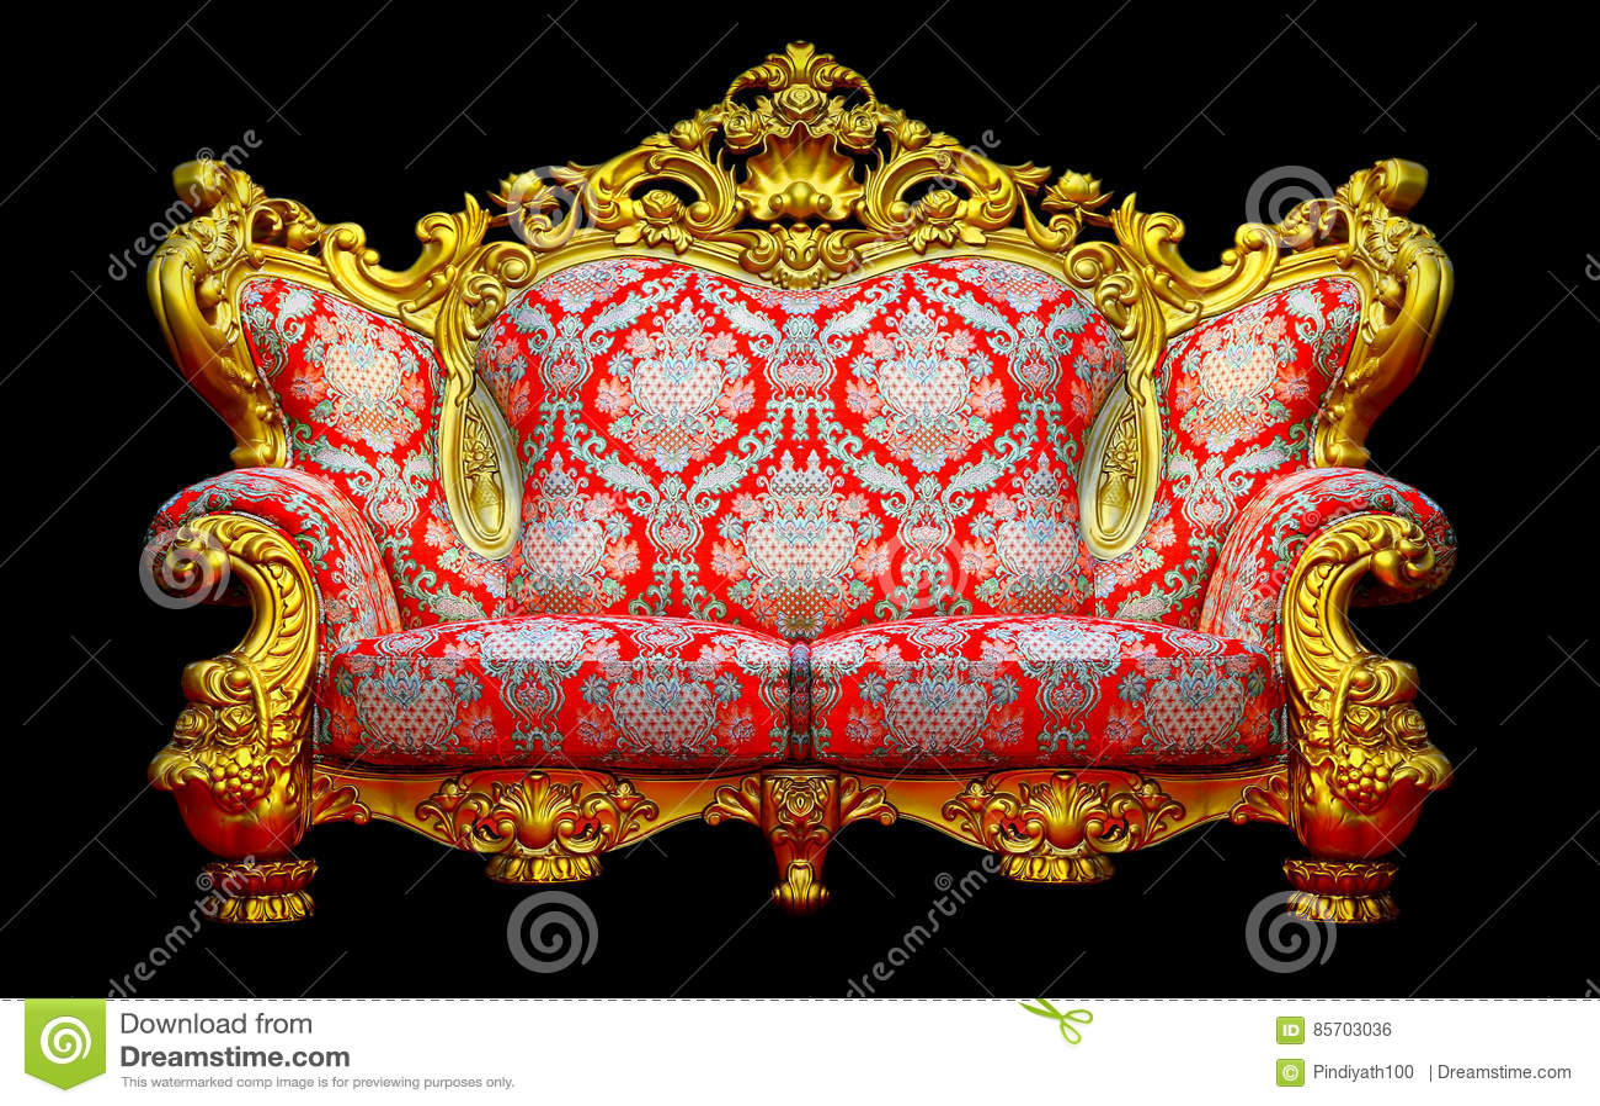 Baroque sofa with golden frame